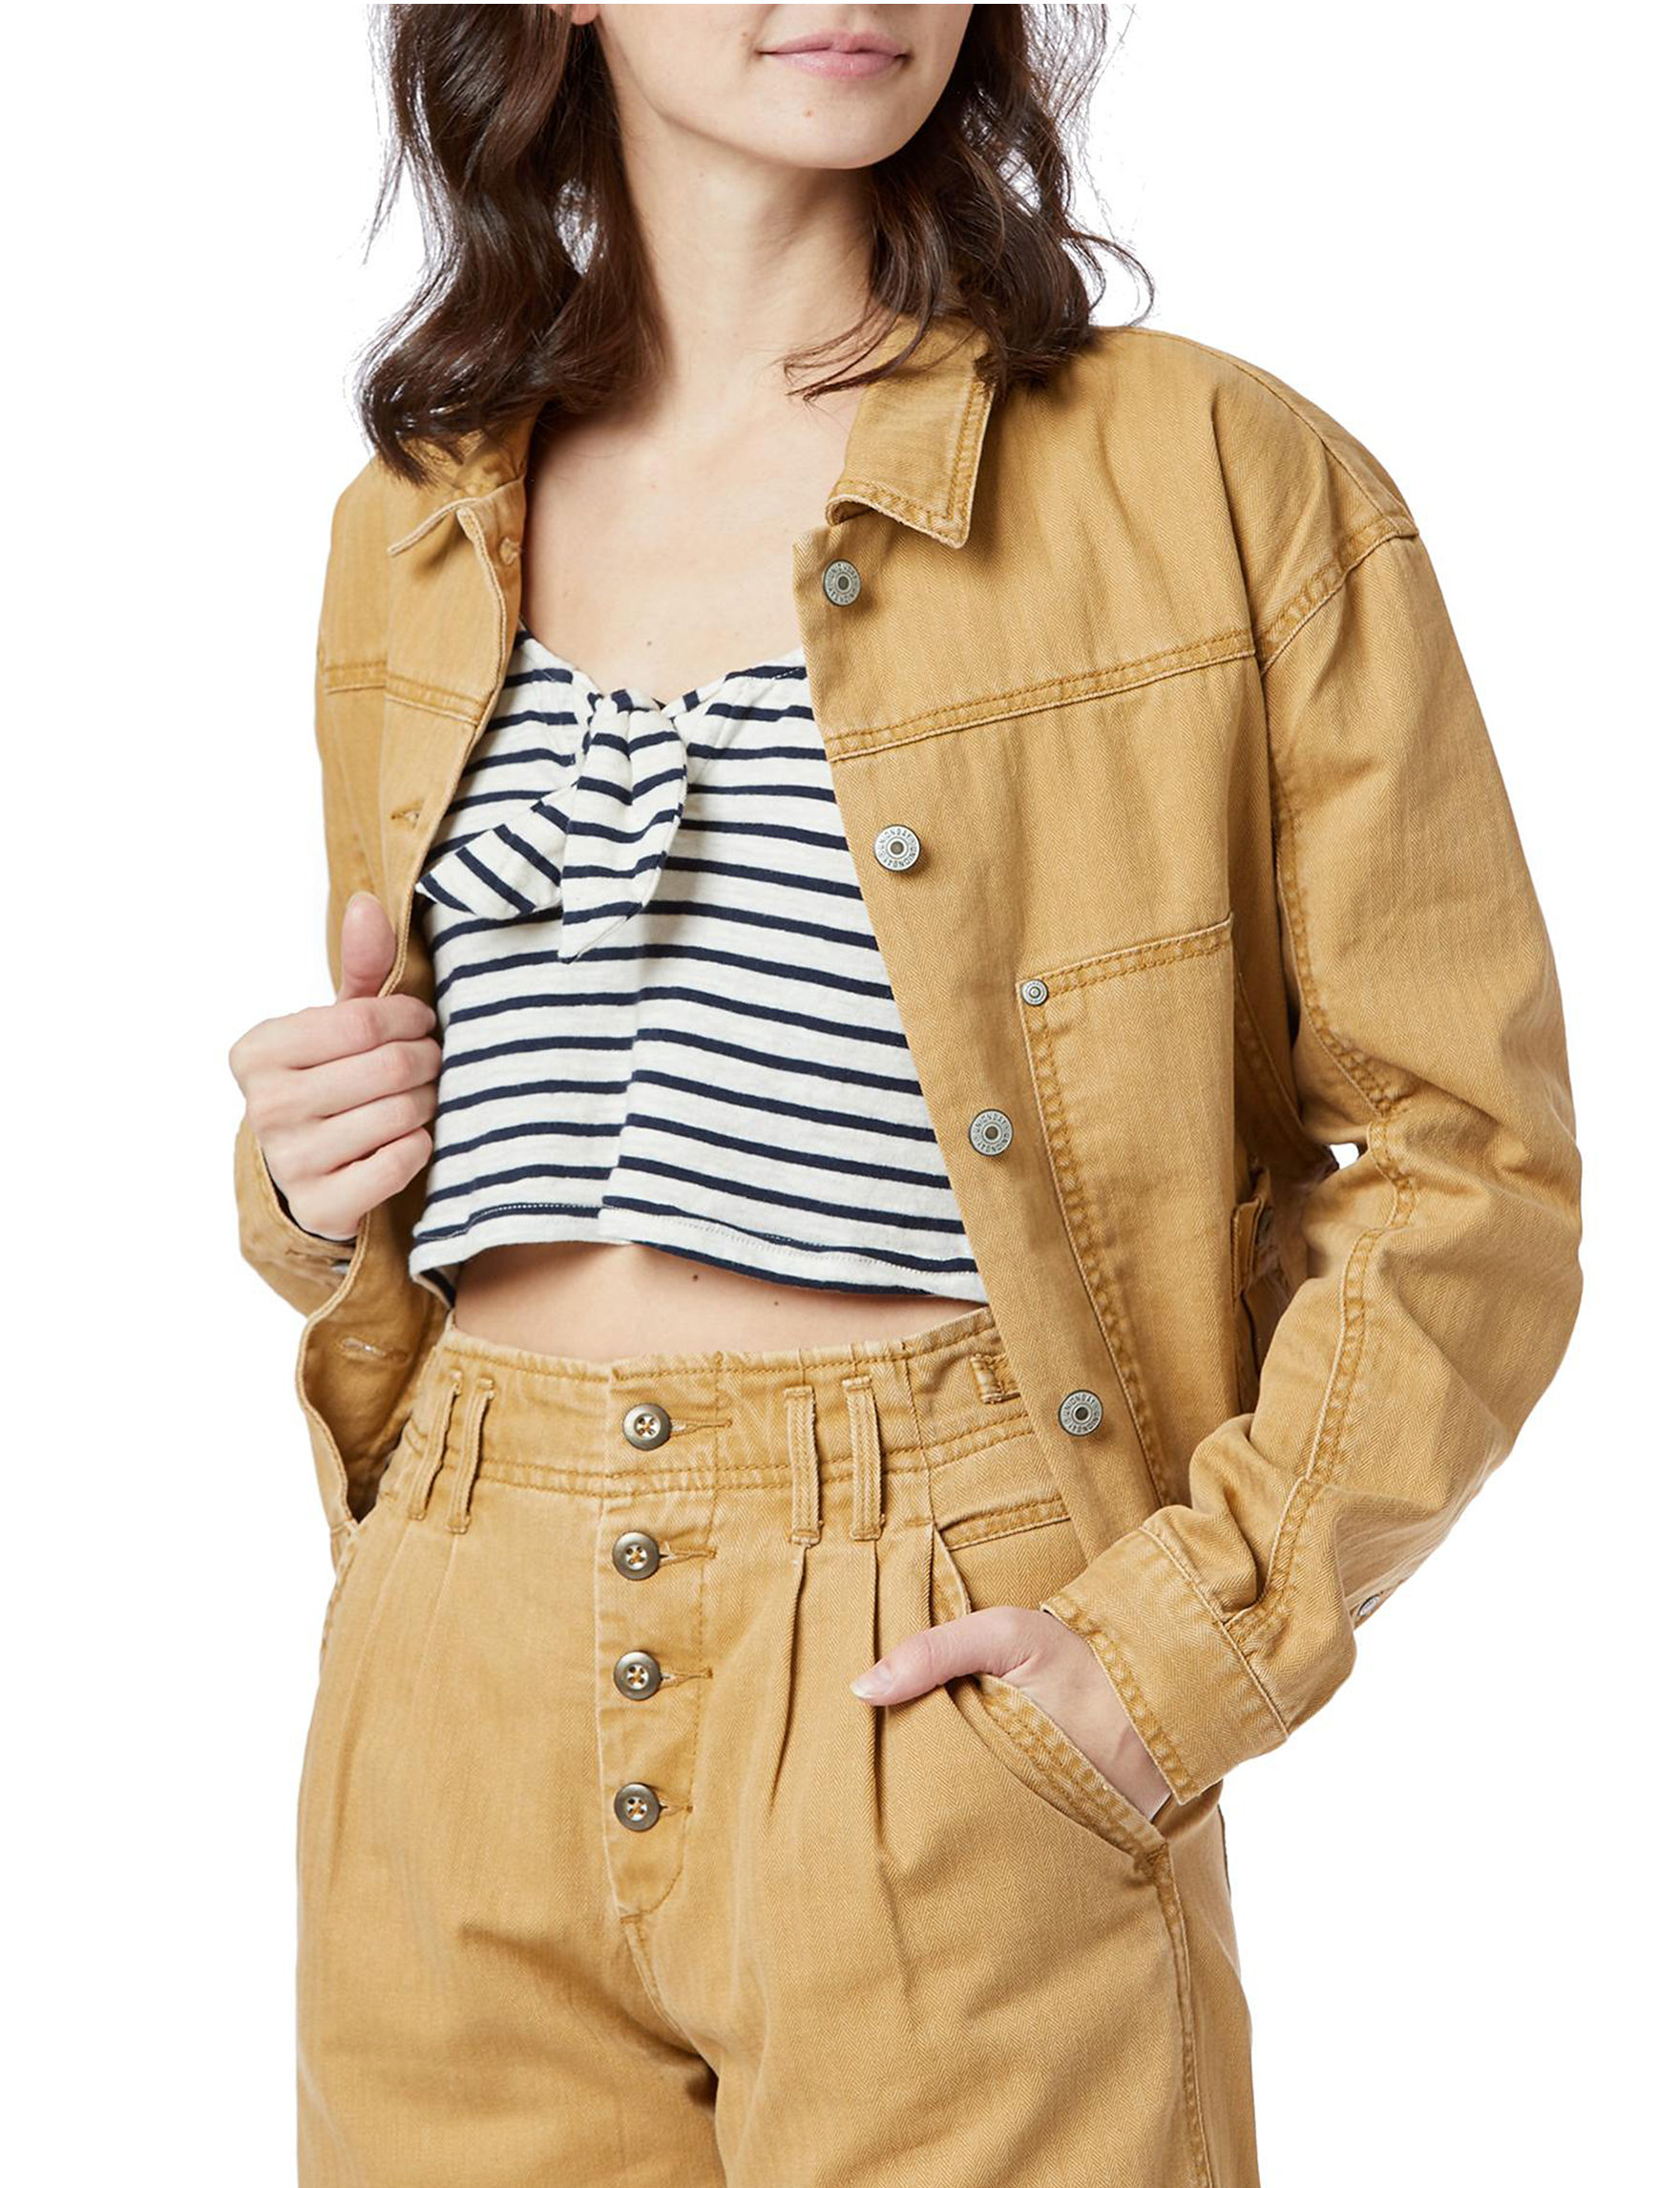 Unionbay Khaki Lightweight Jackets & Blazers